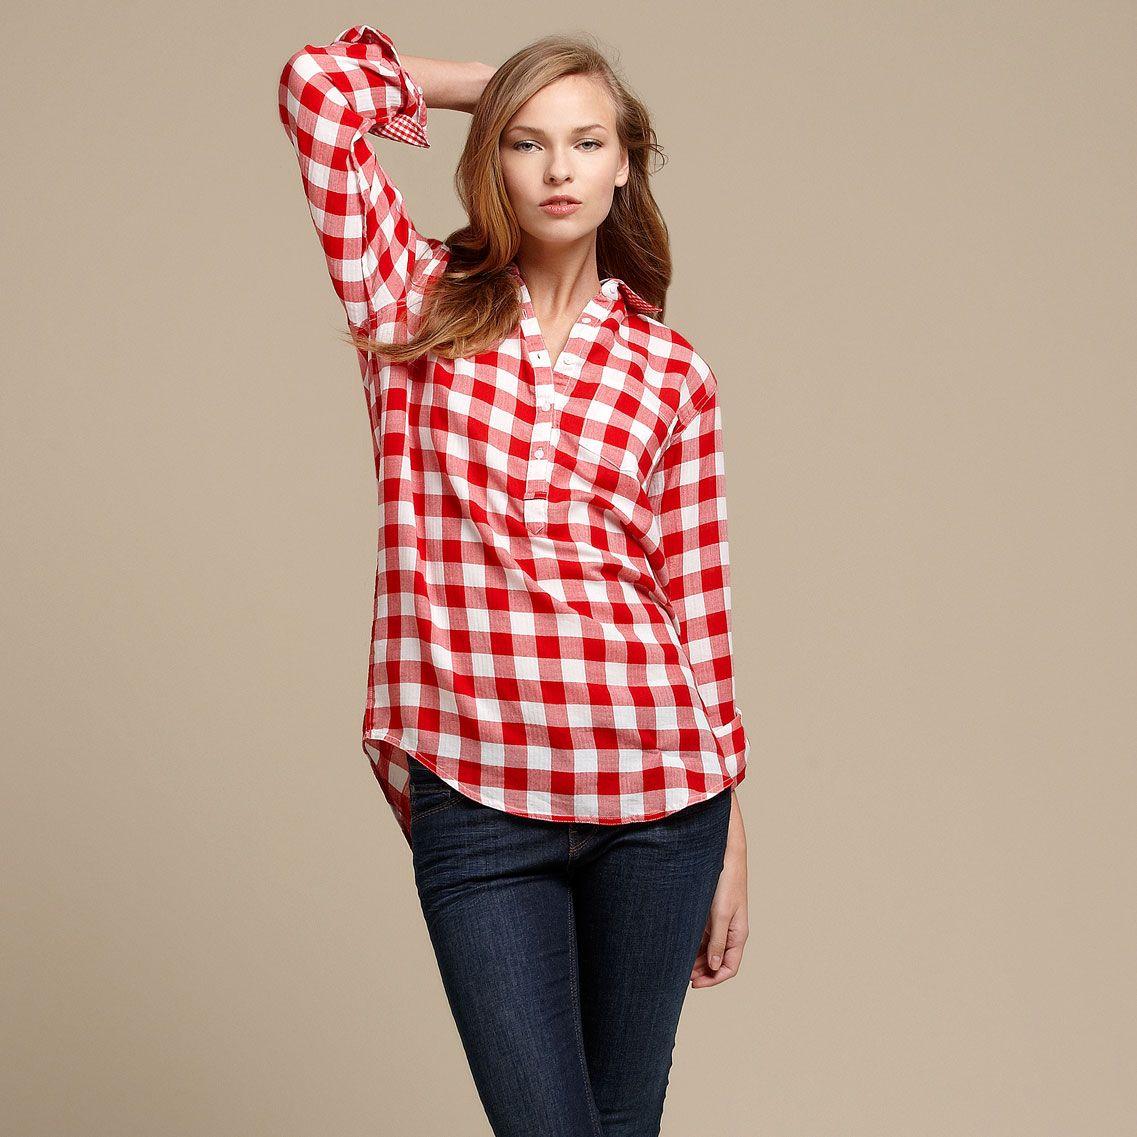 camisas-a-cuadros-para-mujer-de-moda-tallas-grandes-9.jpg (1137×1137 ...